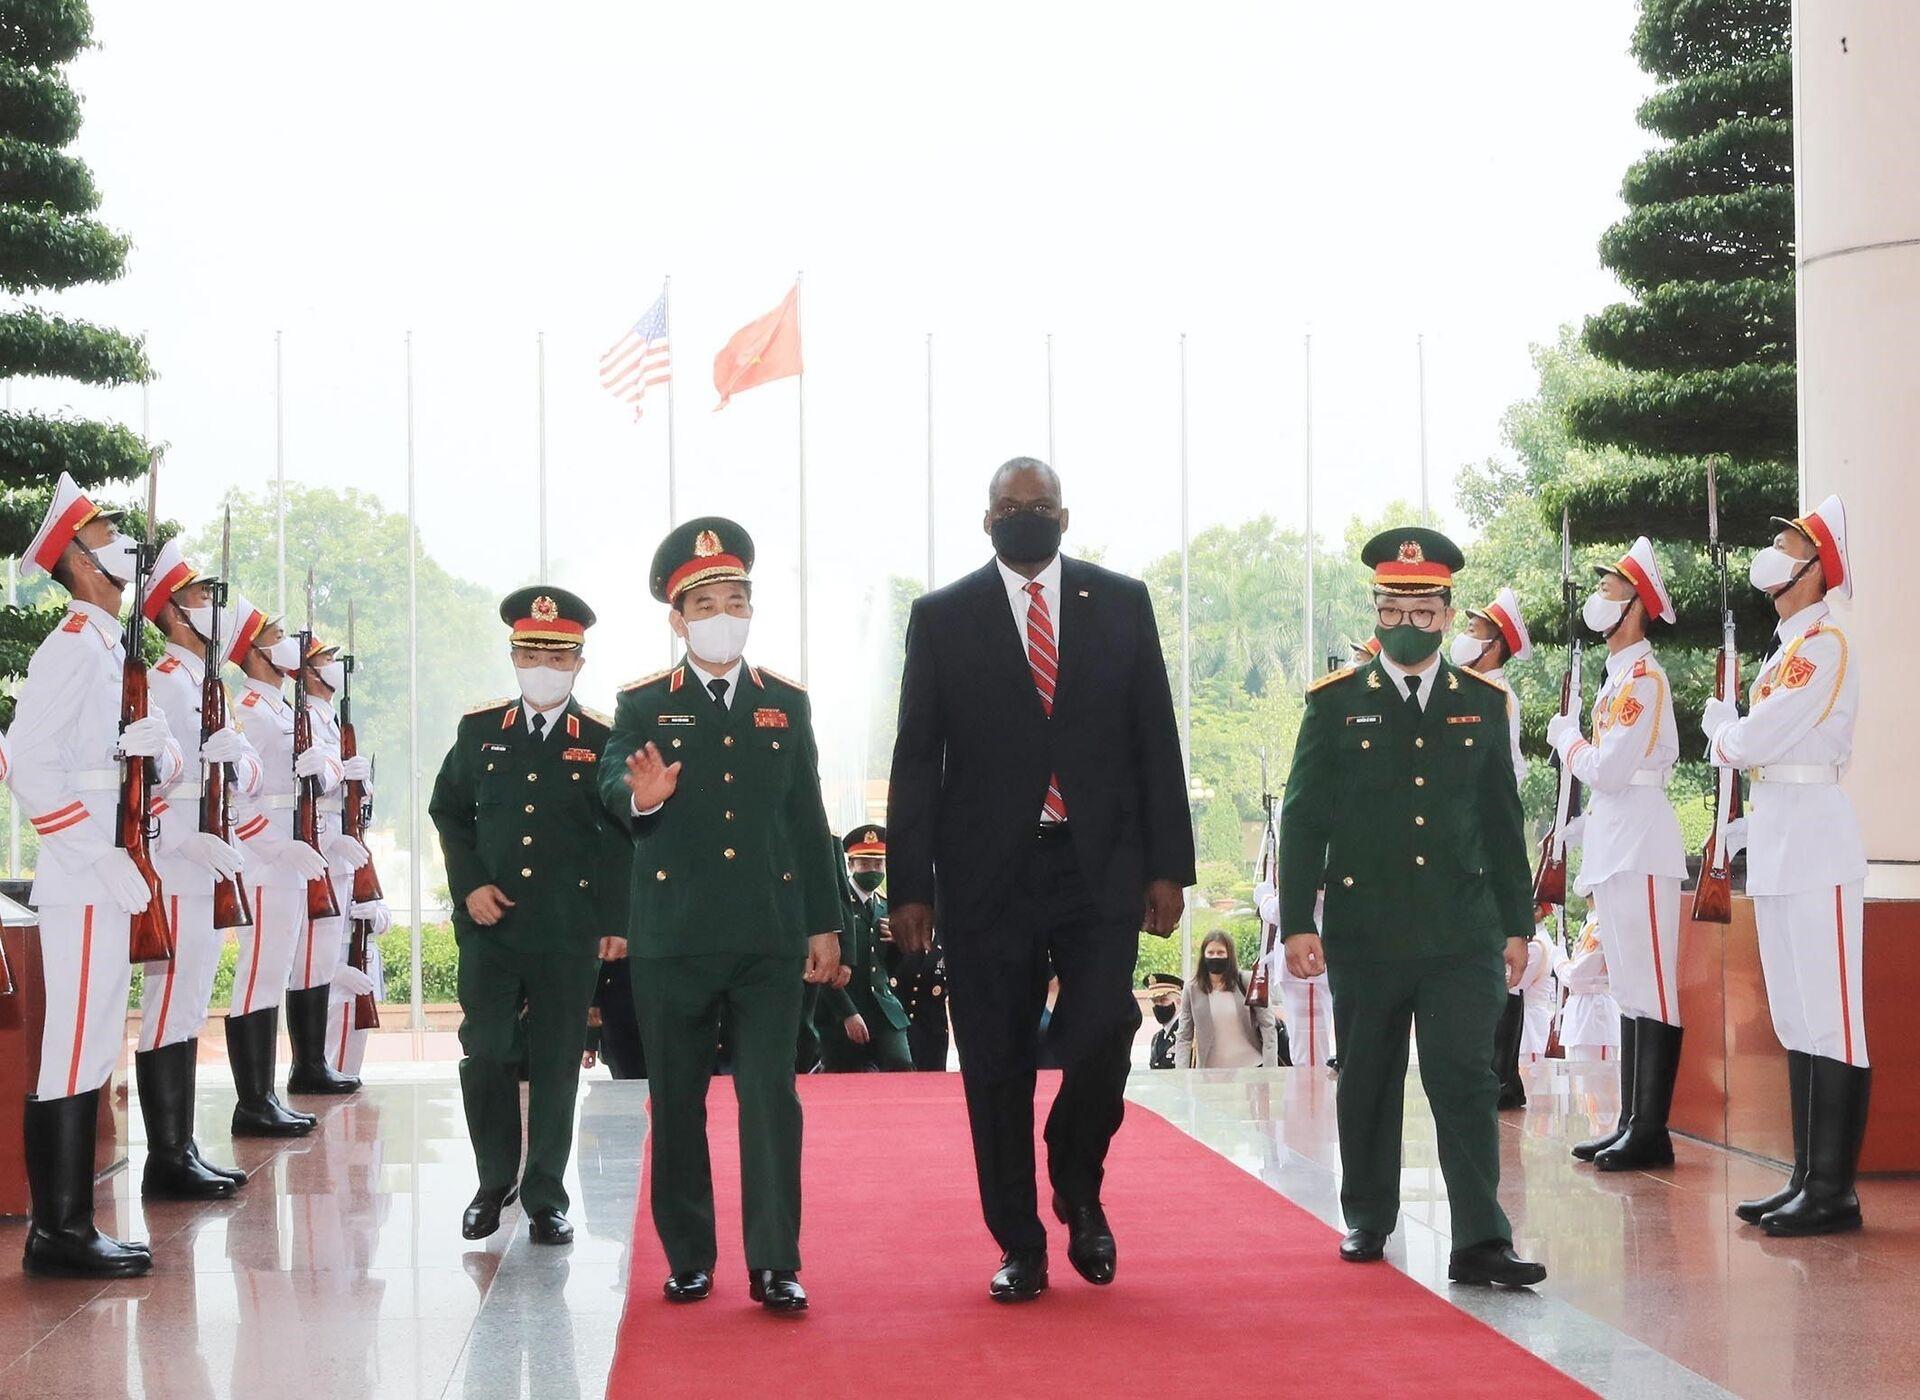 Bộ trưởng Quốc phòng Hoa Kỳ Lloyd Austin thăm chính thức Việt Nam - Sputnik Việt Nam, 1920, 05.10.2021